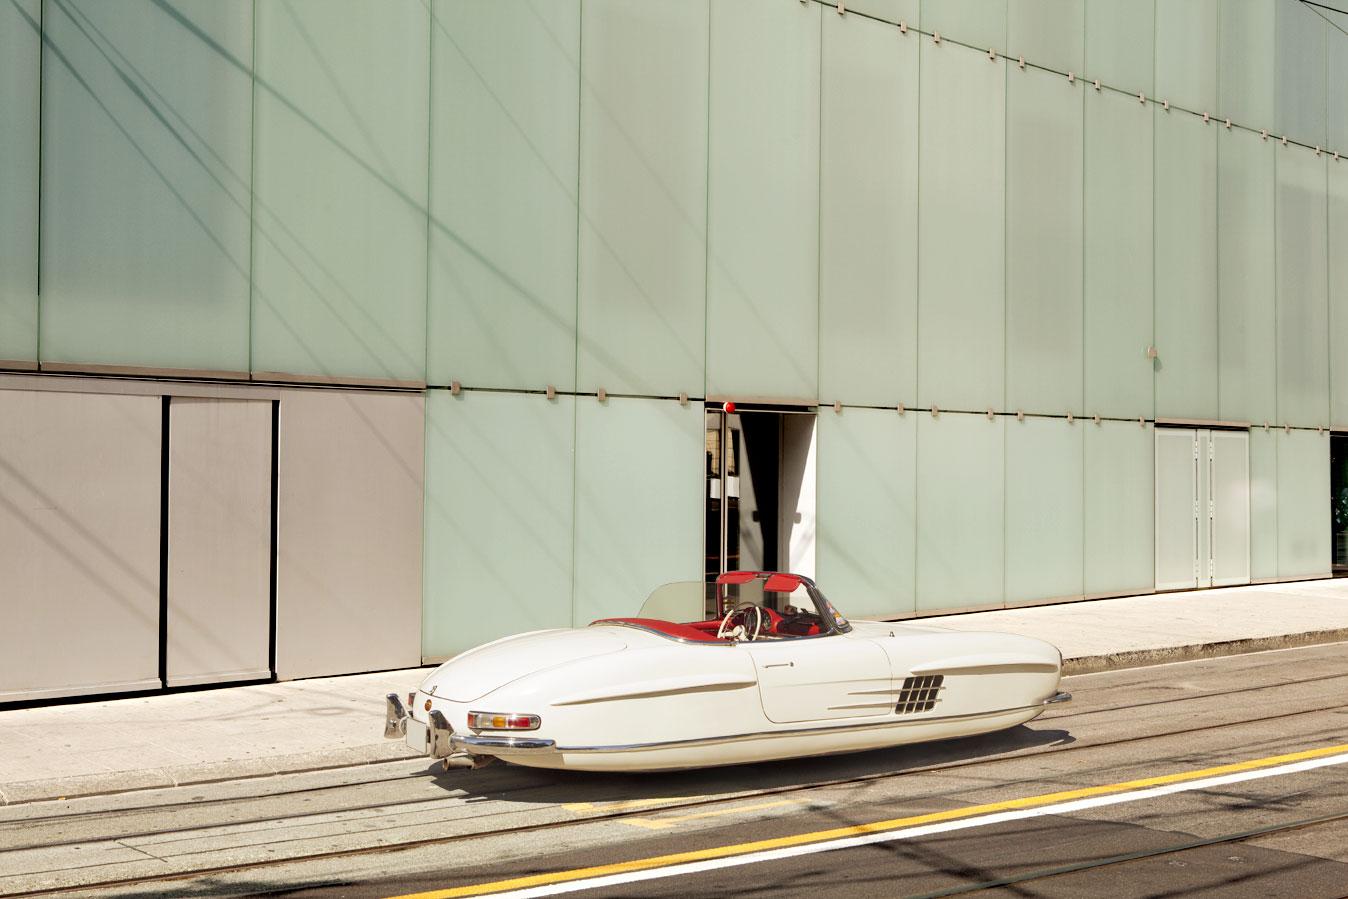 Mesmo sem rodas modelo SL 300 da Mercedez-Benz não perderia ar retrô marcante (Foto: Divulgação /Renaud Marion)